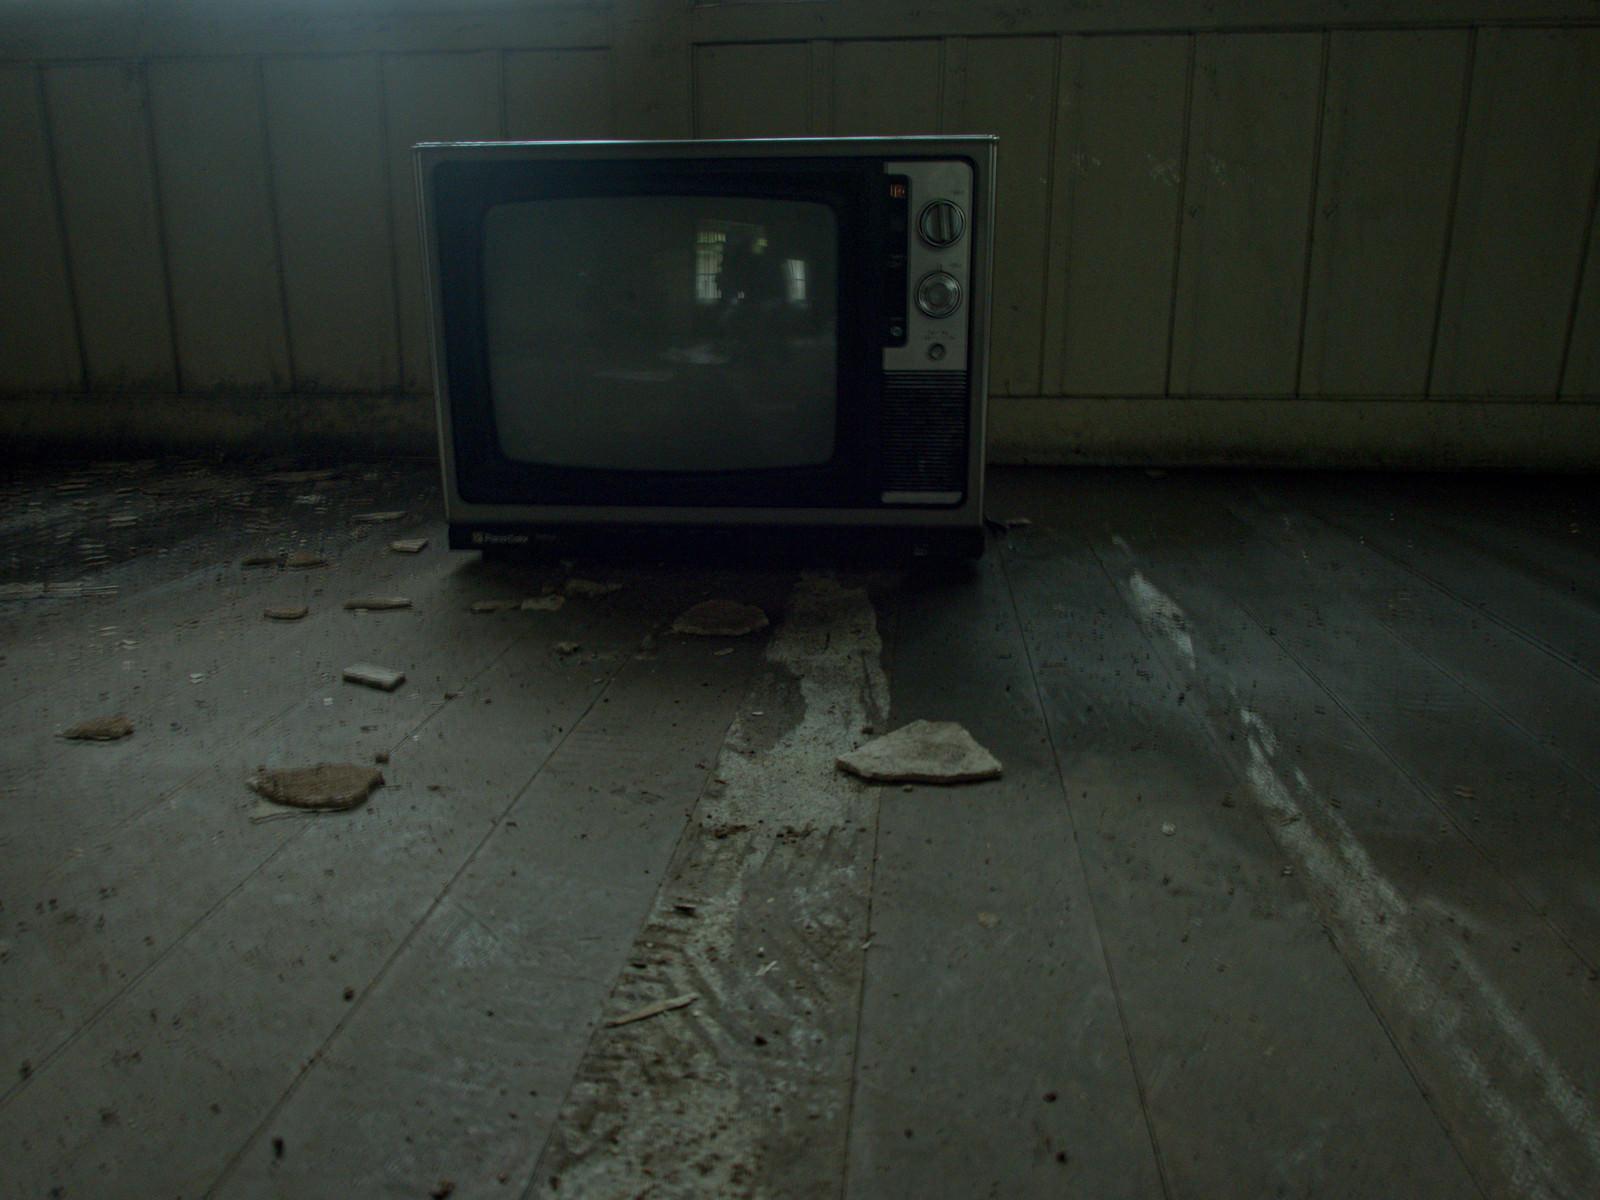 「廃屋にぽつんと置かれた古いカラーテレビ」の写真